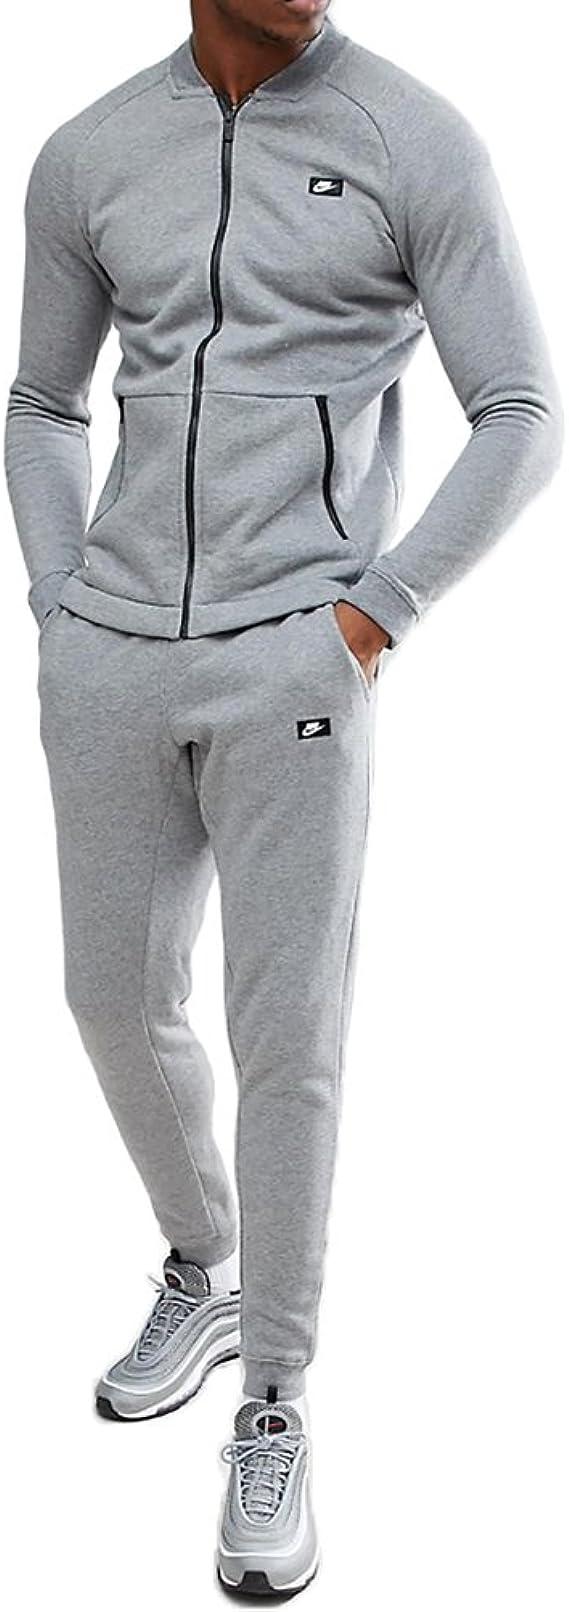 Nike - Chándal - para Hombre: Amazon.es: Ropa y accesorios